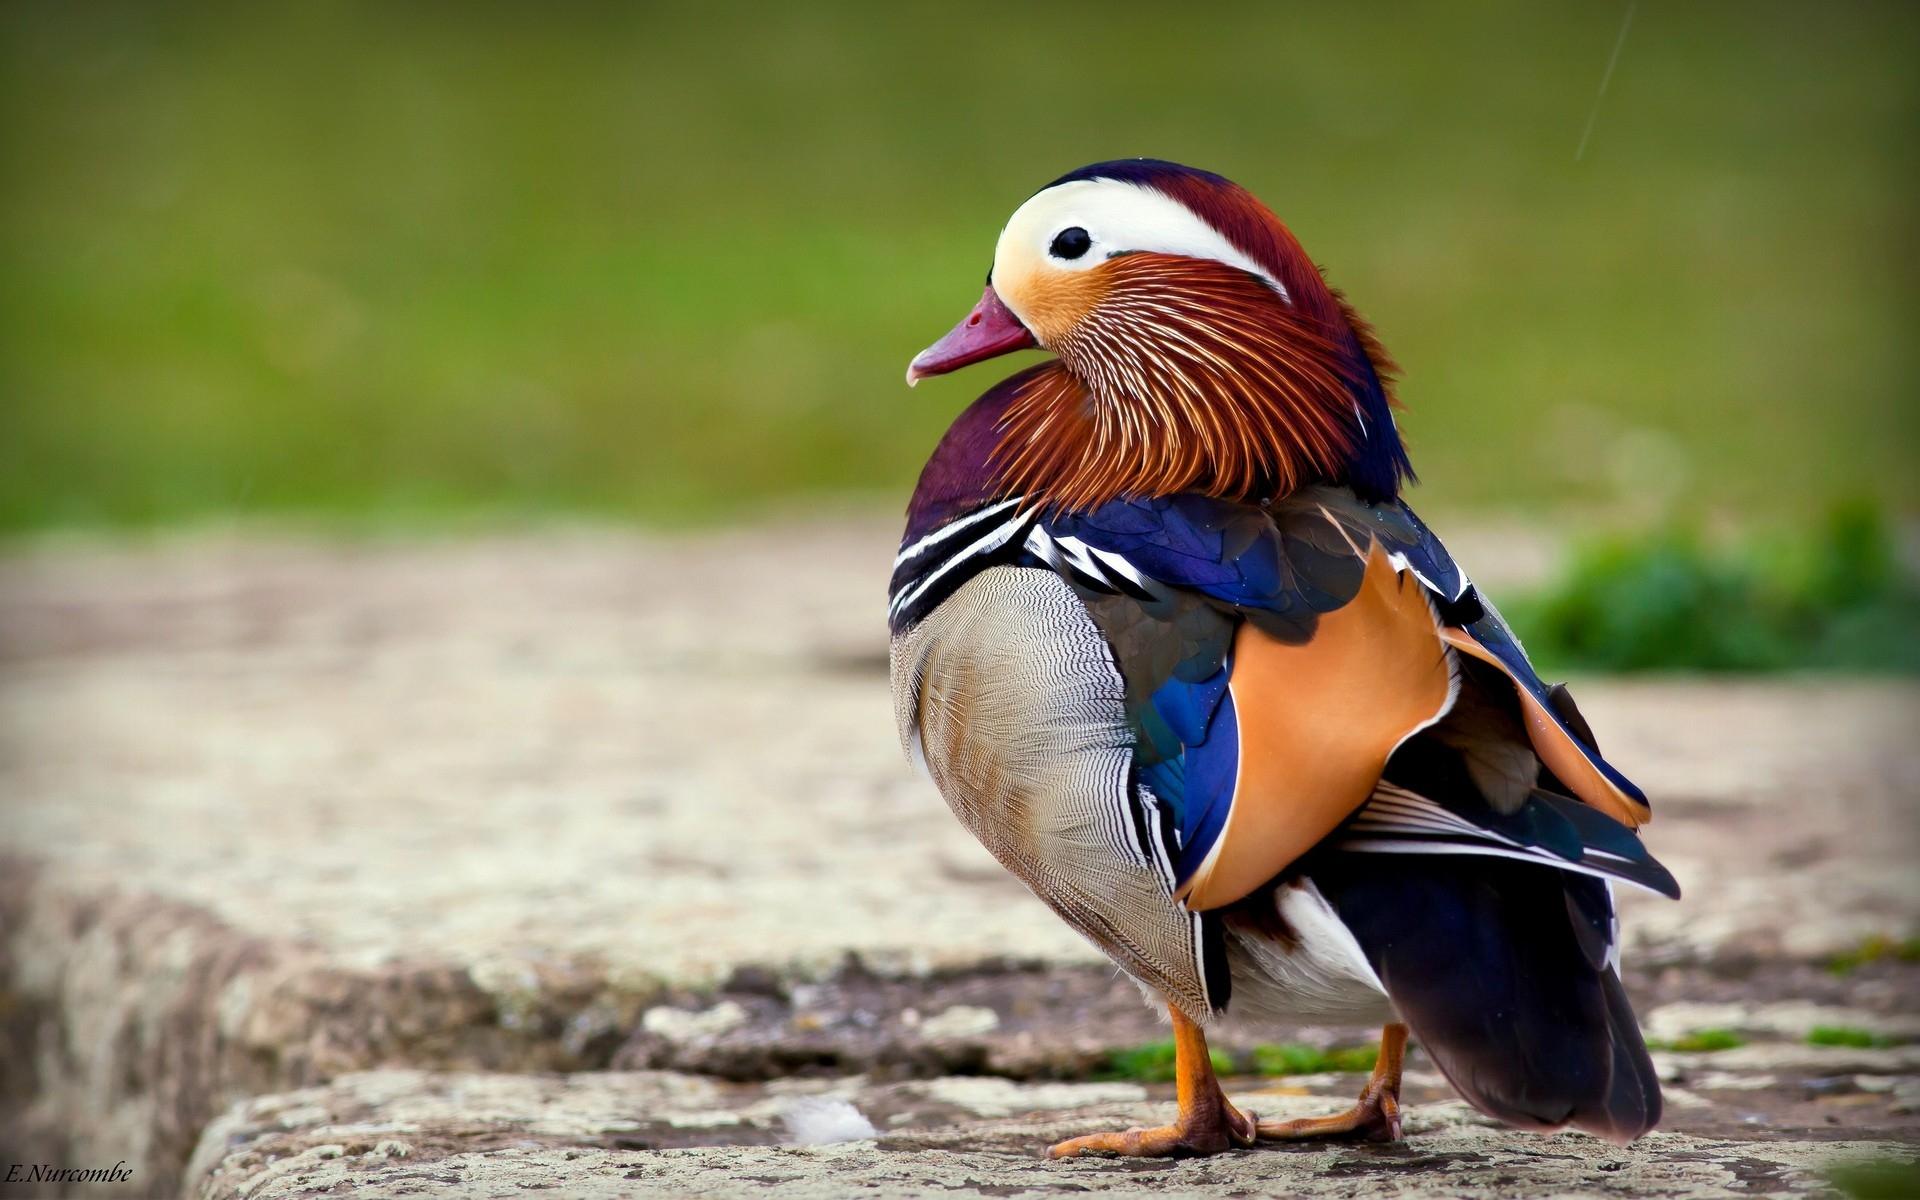 фото птиц на обои для рабочего стола этой